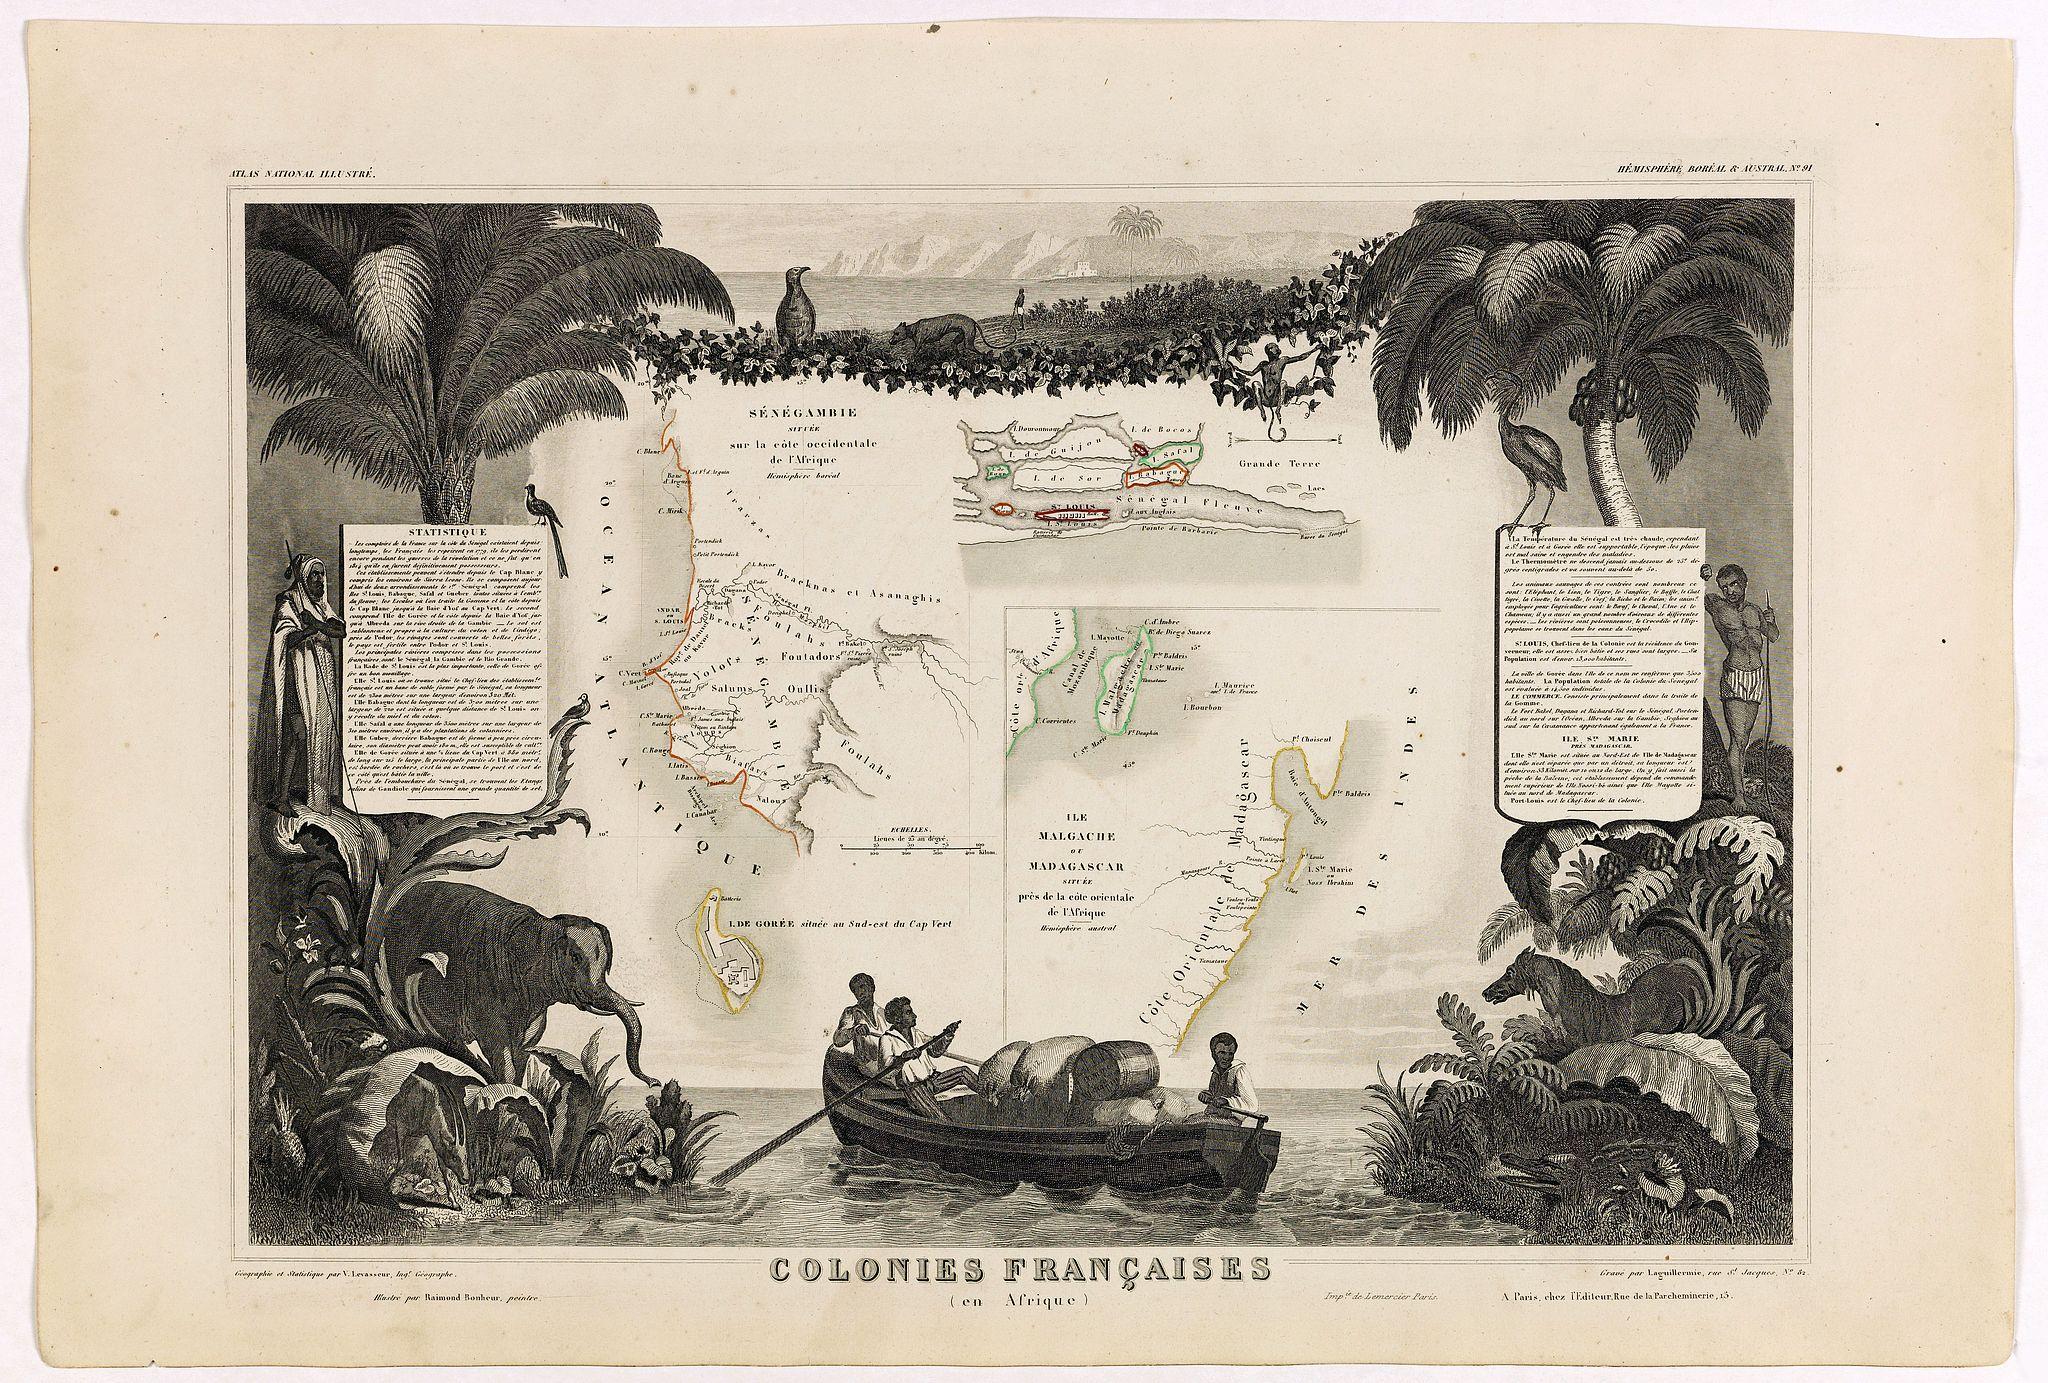 LEVASSEUR, V. -  Colonies Françaises (en Afrique). N°91.